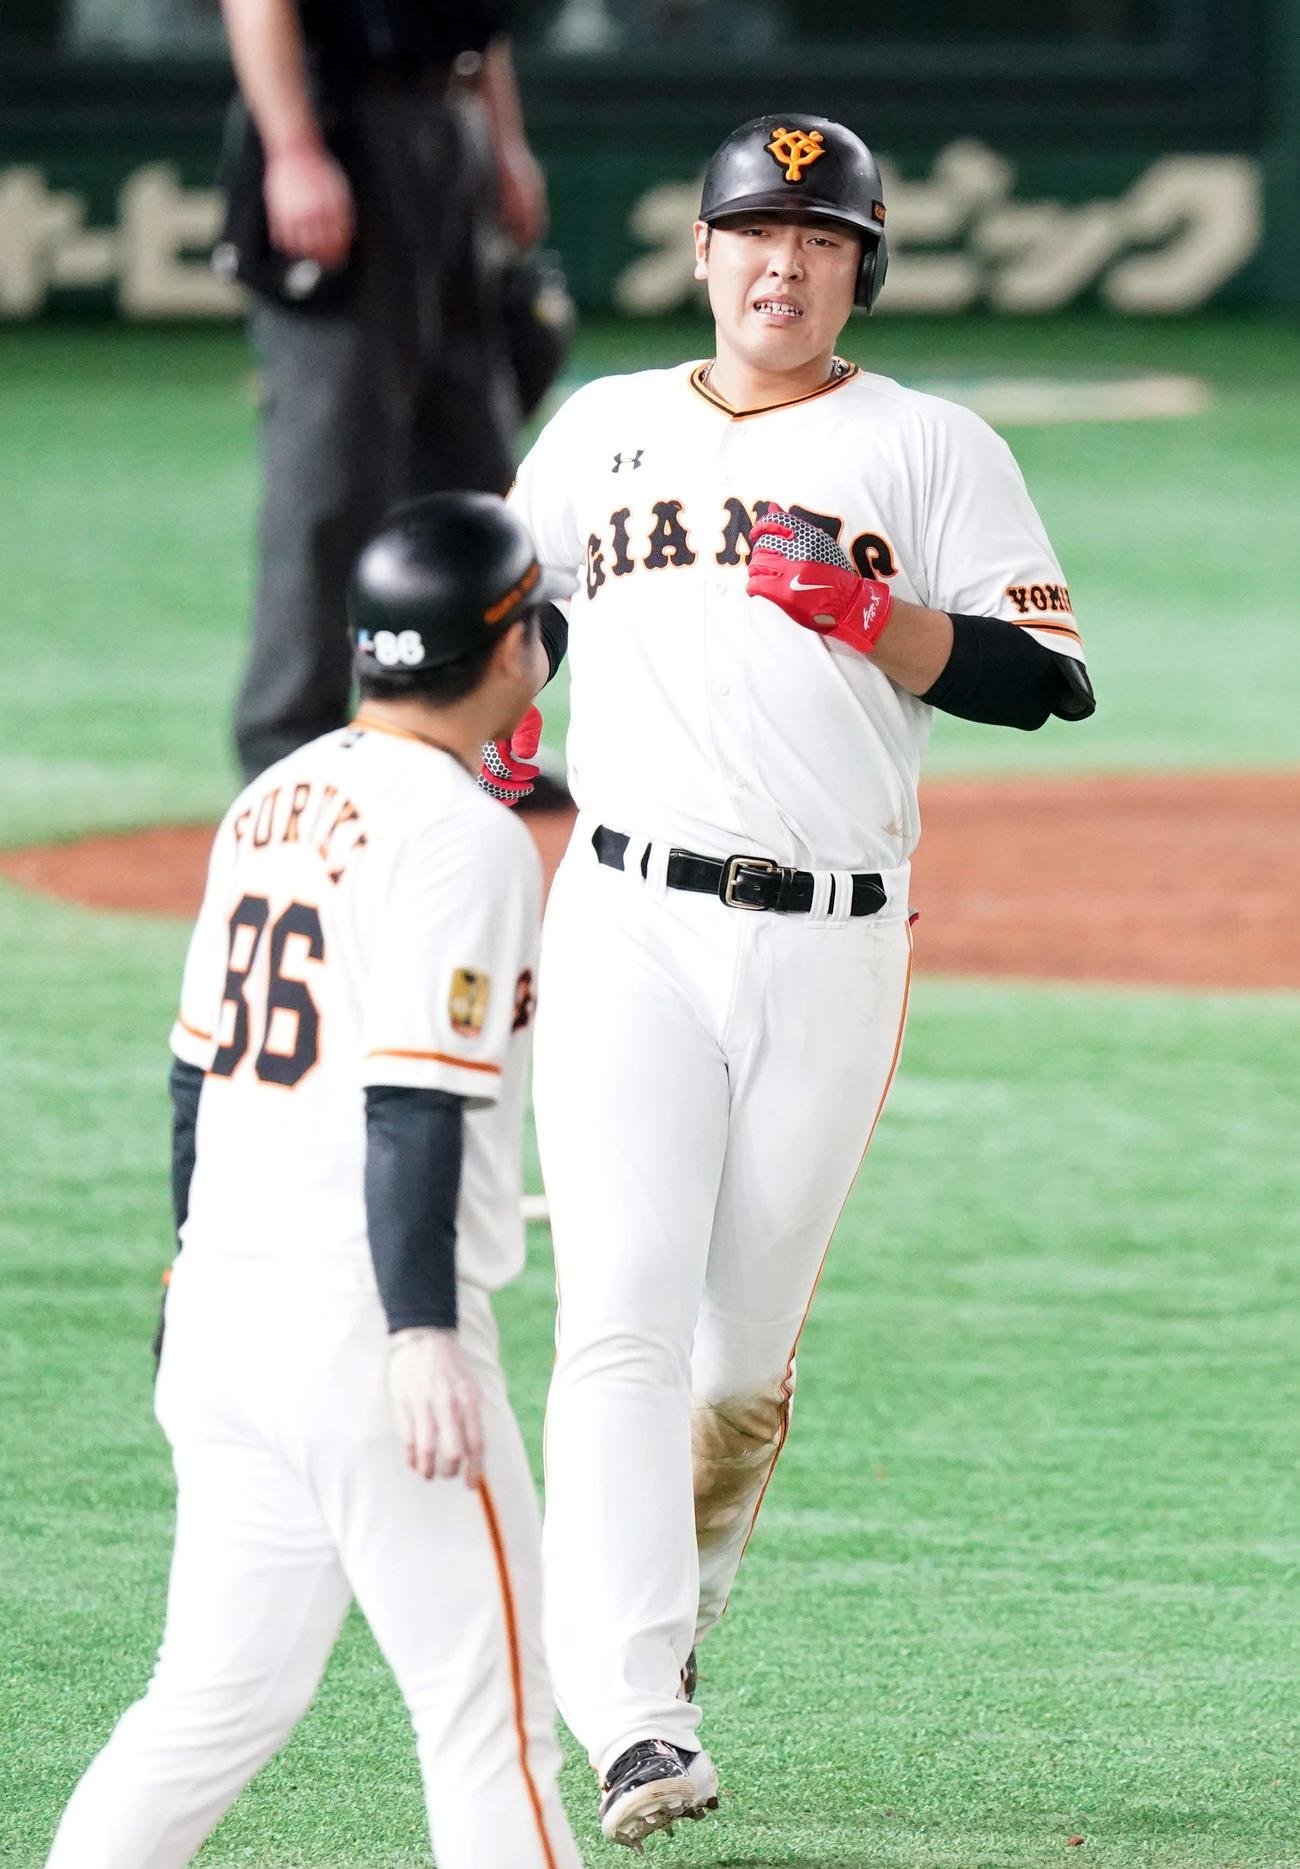 巨人対阪神 6回裏巨人無死一、三塁、同点適時打を放つも厳しい表情を見せる岡本(撮影・江口和貴)